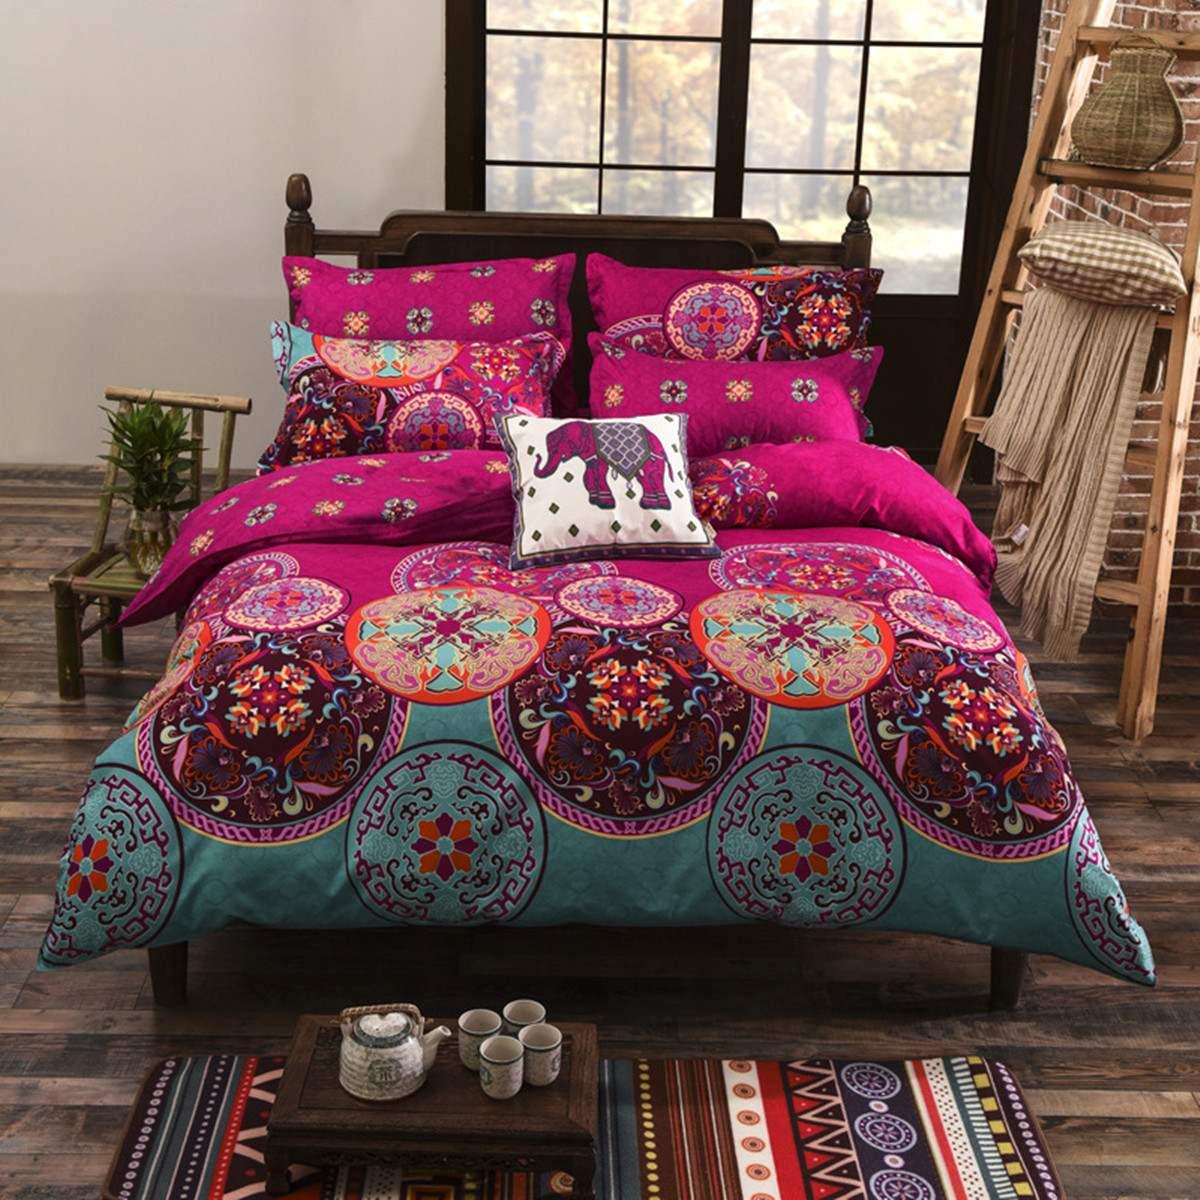 4Pcs 1.5M/2M Bohemian 3D Comforters Bedding Set Mandala Duvet Cover Quilt Cover Bed Sheets with Pillow Case